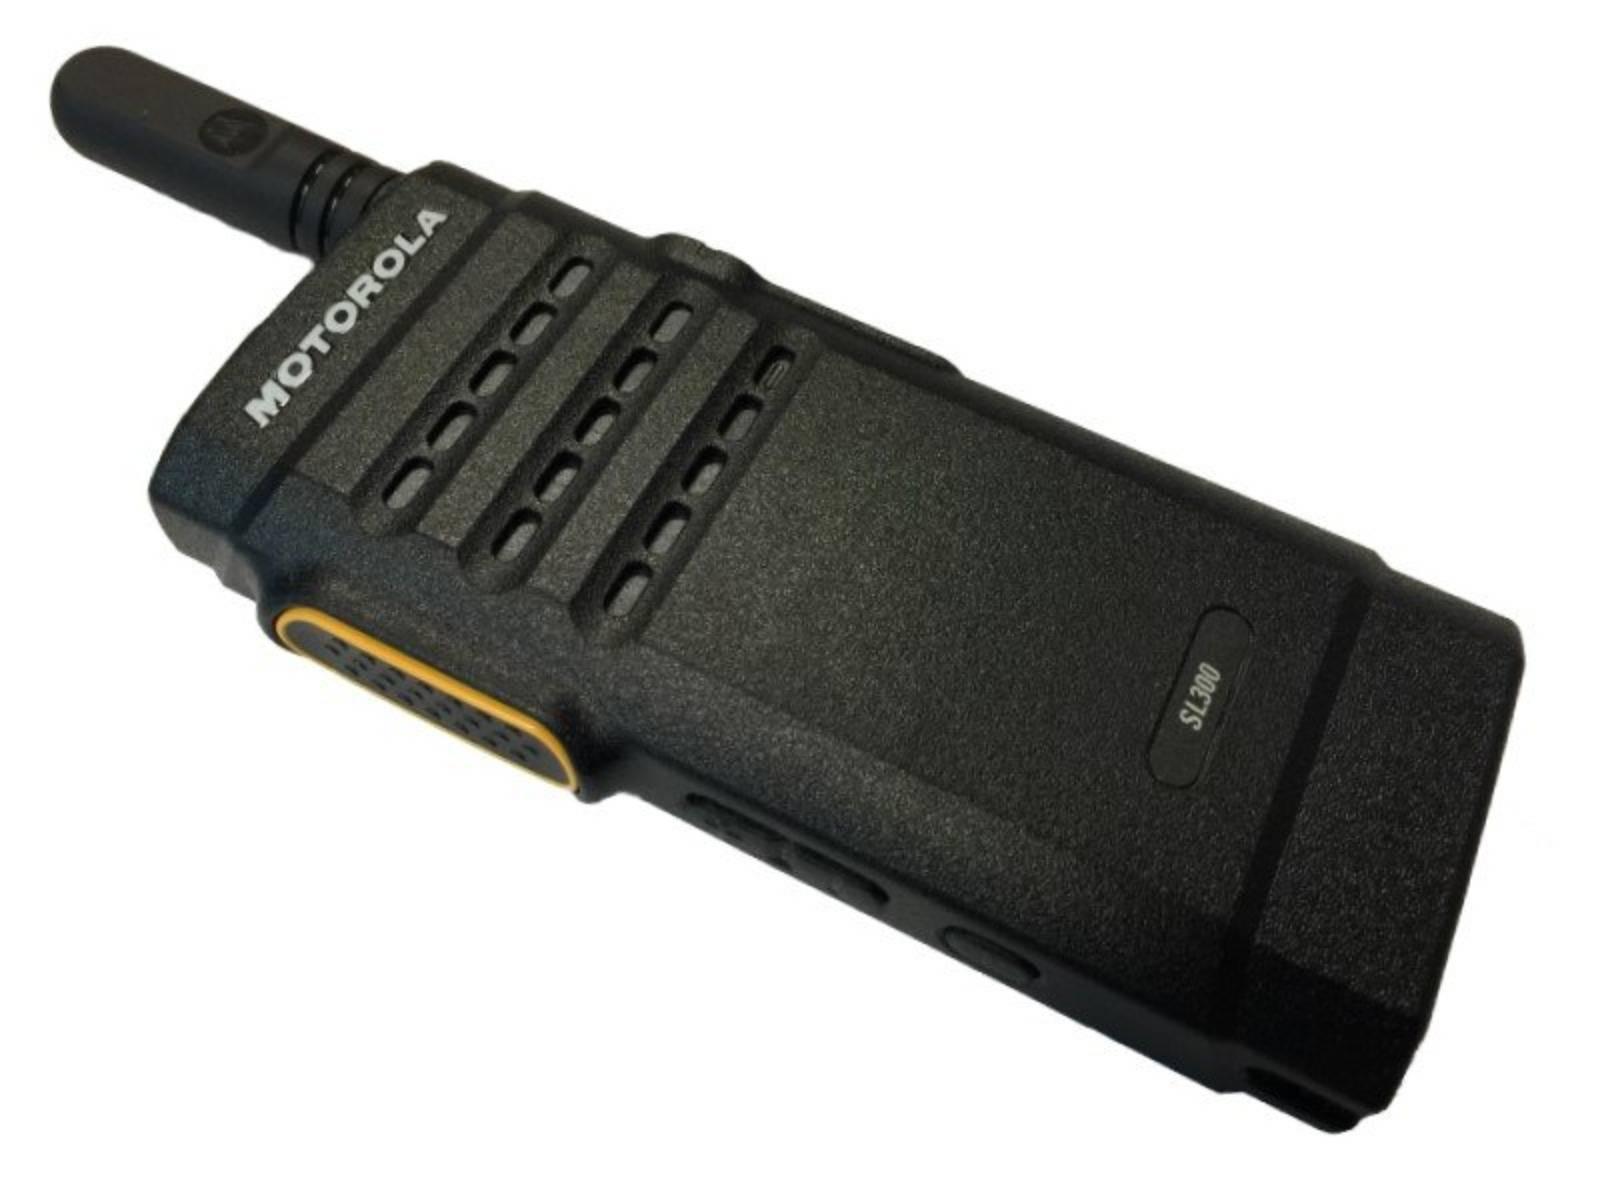 MOTOROLA SL1600 PORTABLE RADIO